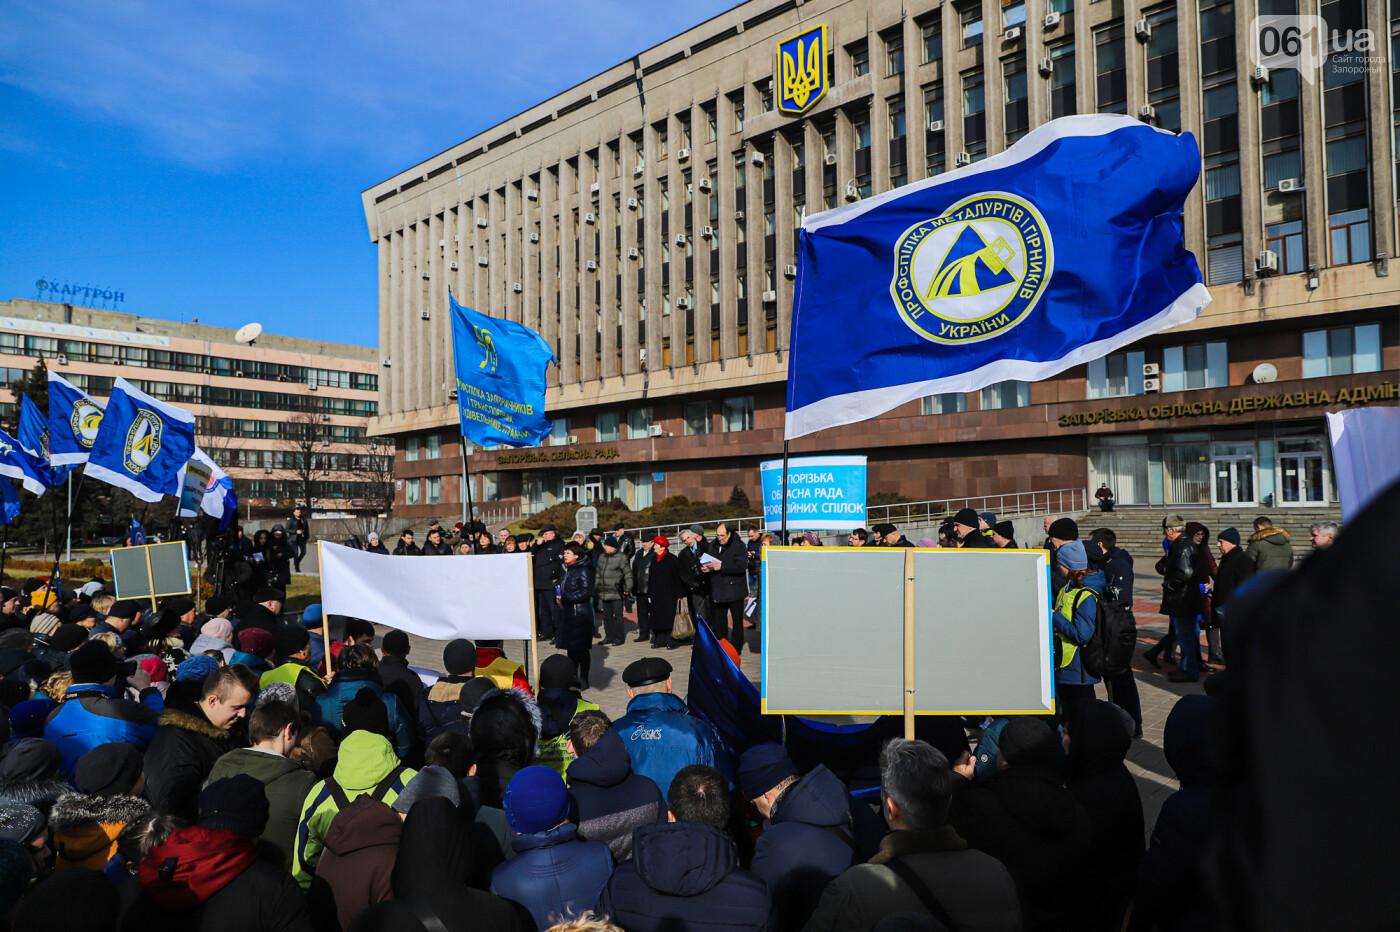 В Запорожье на протестную акцию профсоюзов «Волна гнева» вышло около 2000 человек, - ФОТОРЕПОРТАЖ, фото-29